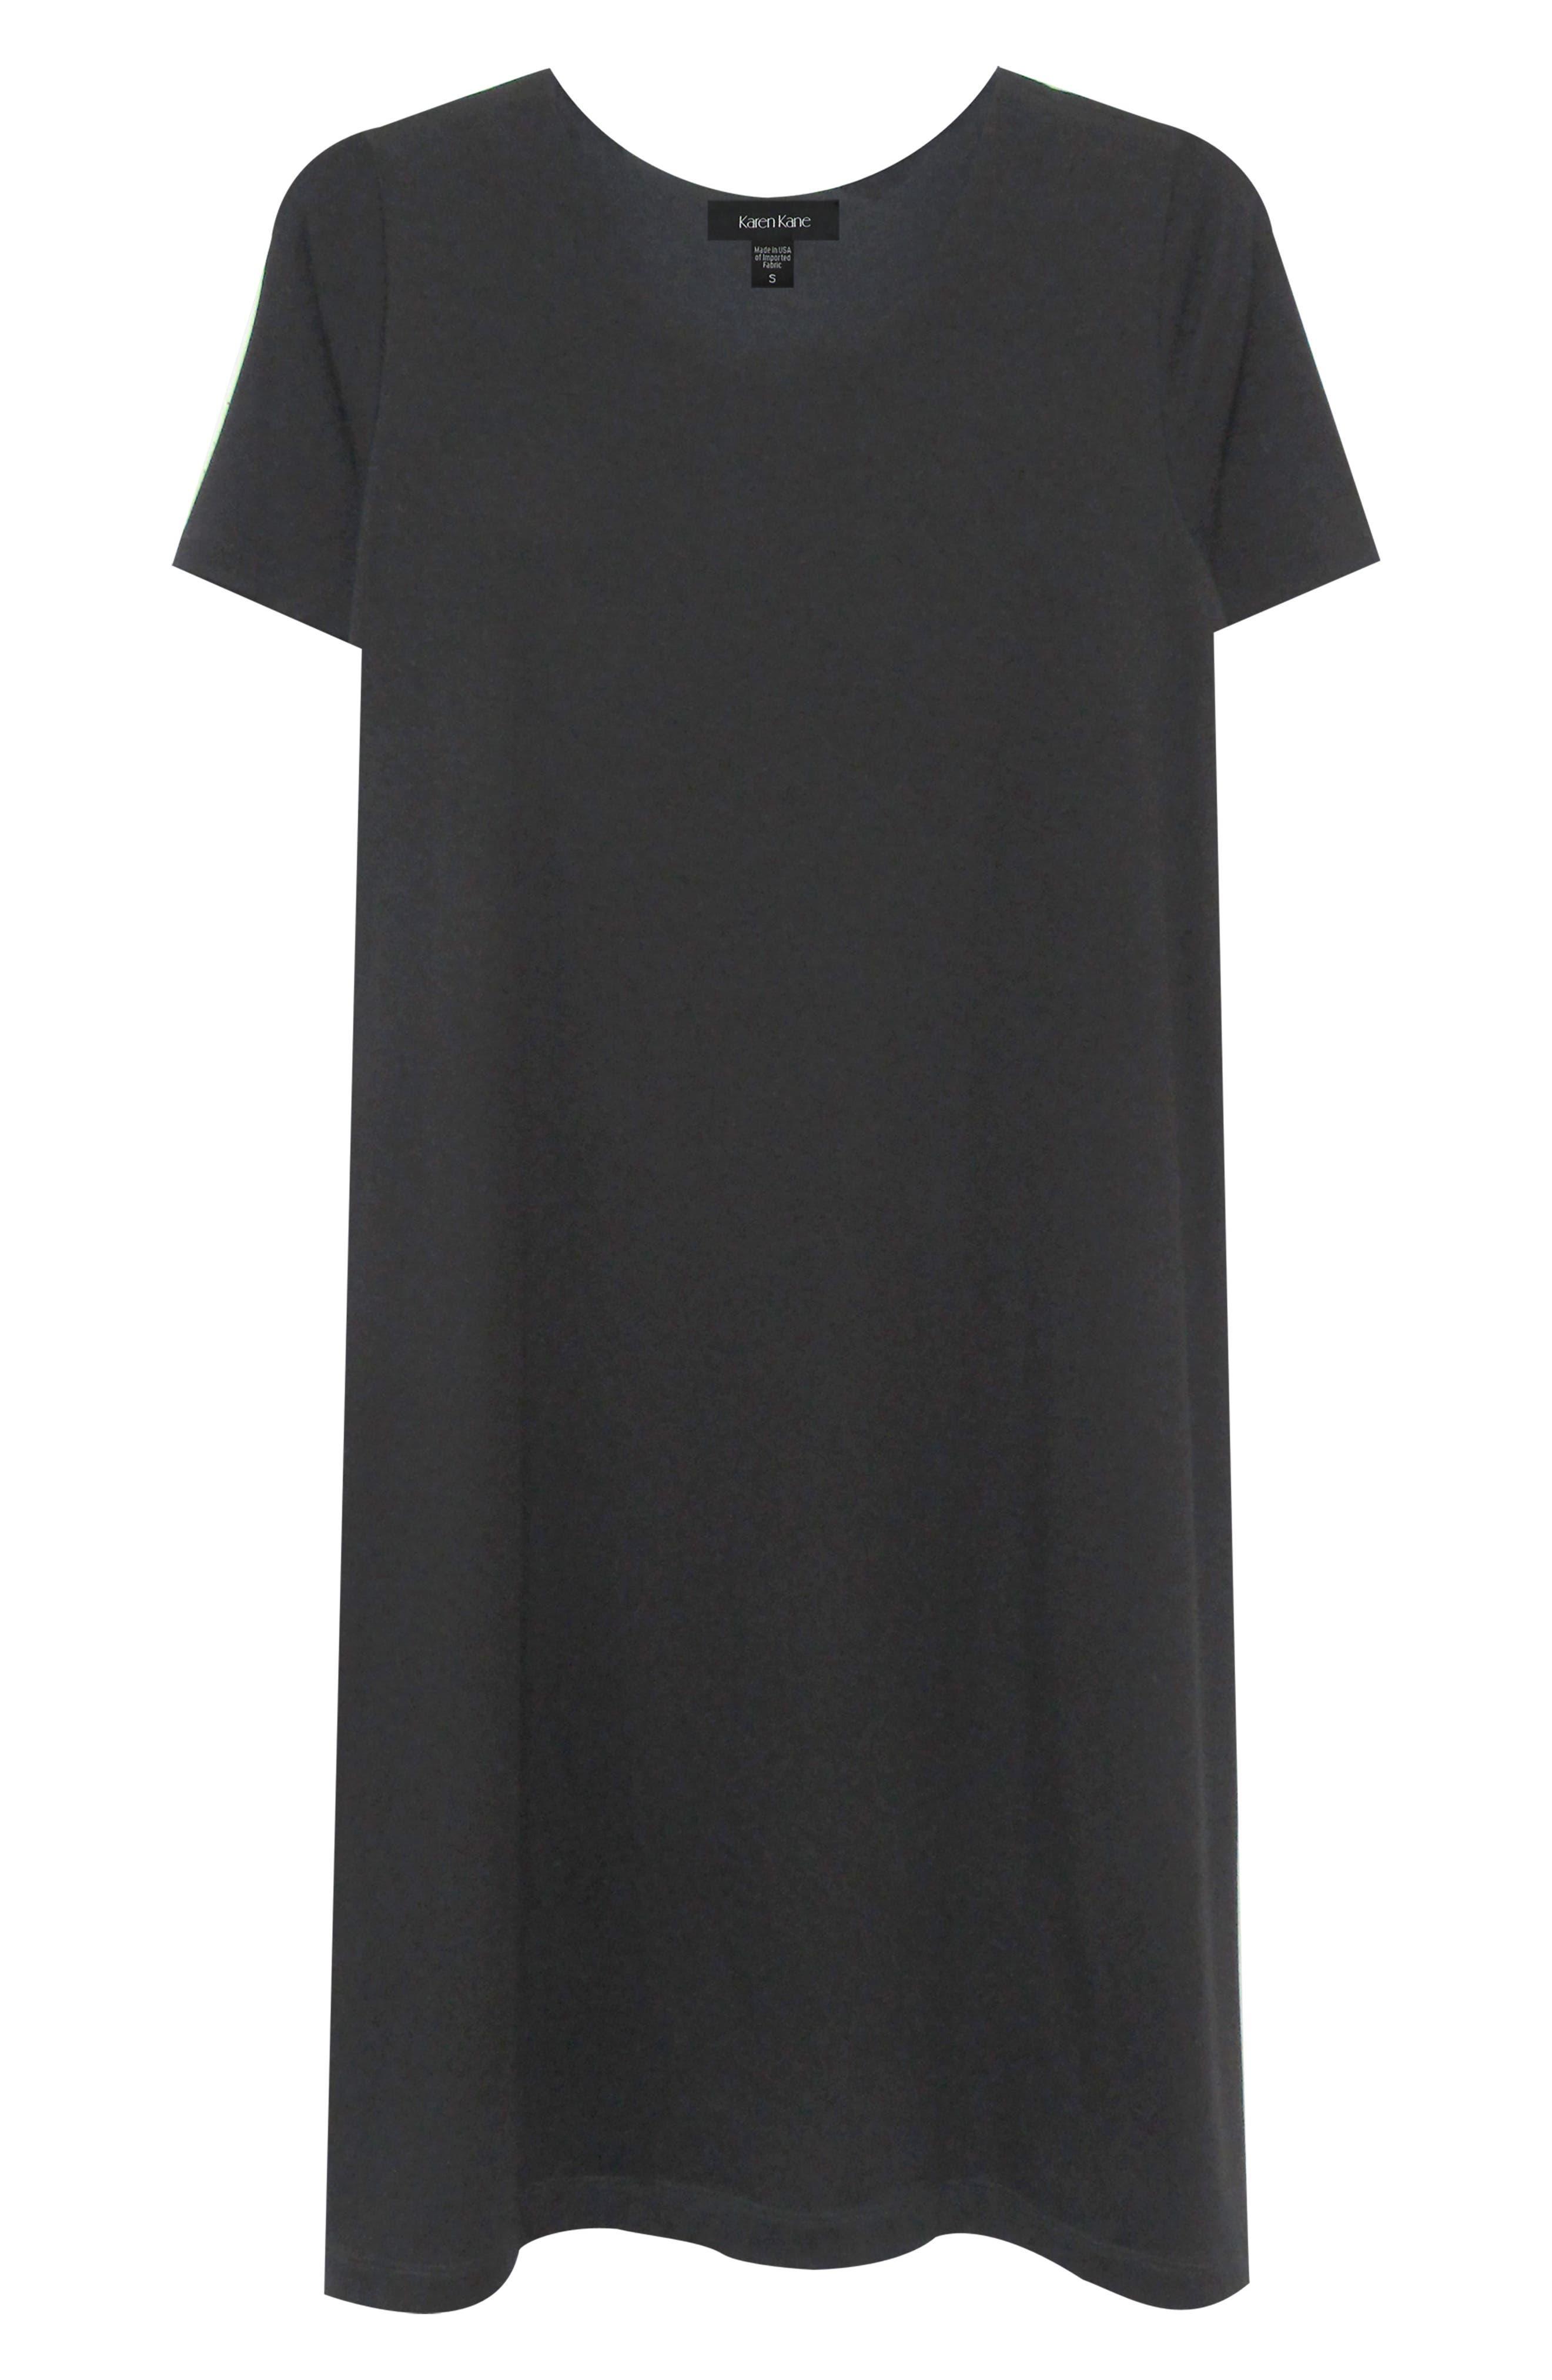 KAREN KANE, Abby T-Shirt Dress, Alternate thumbnail 3, color, BLACK